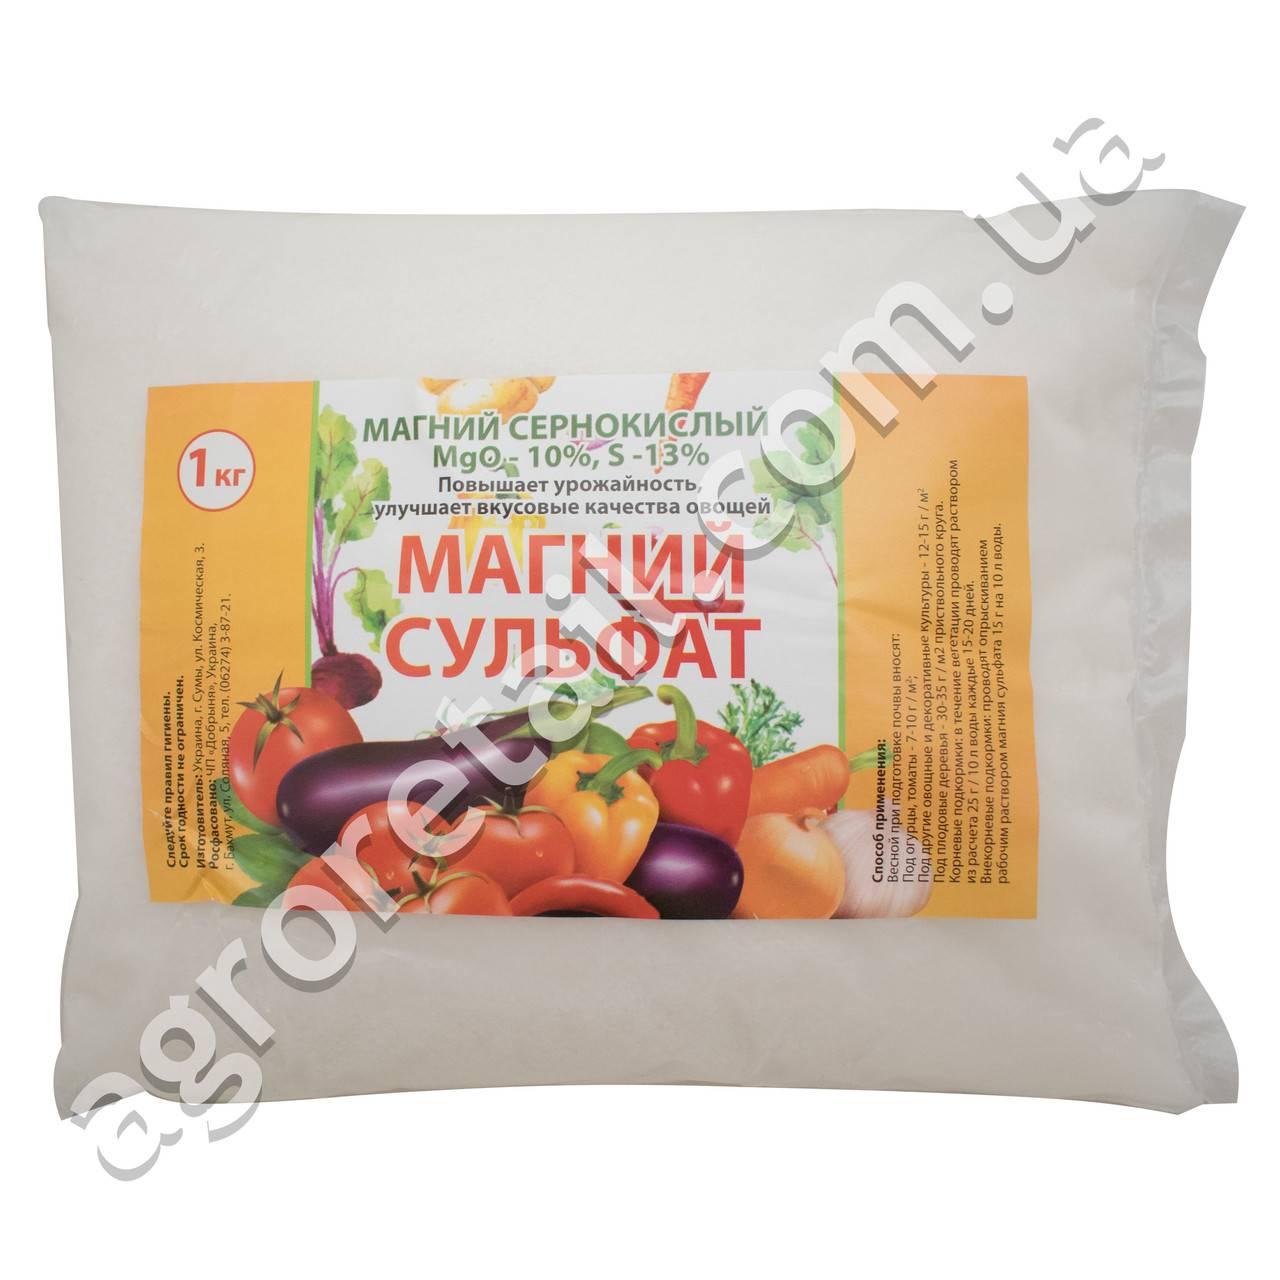 Удобрение калимаг: применение для томатов и лука